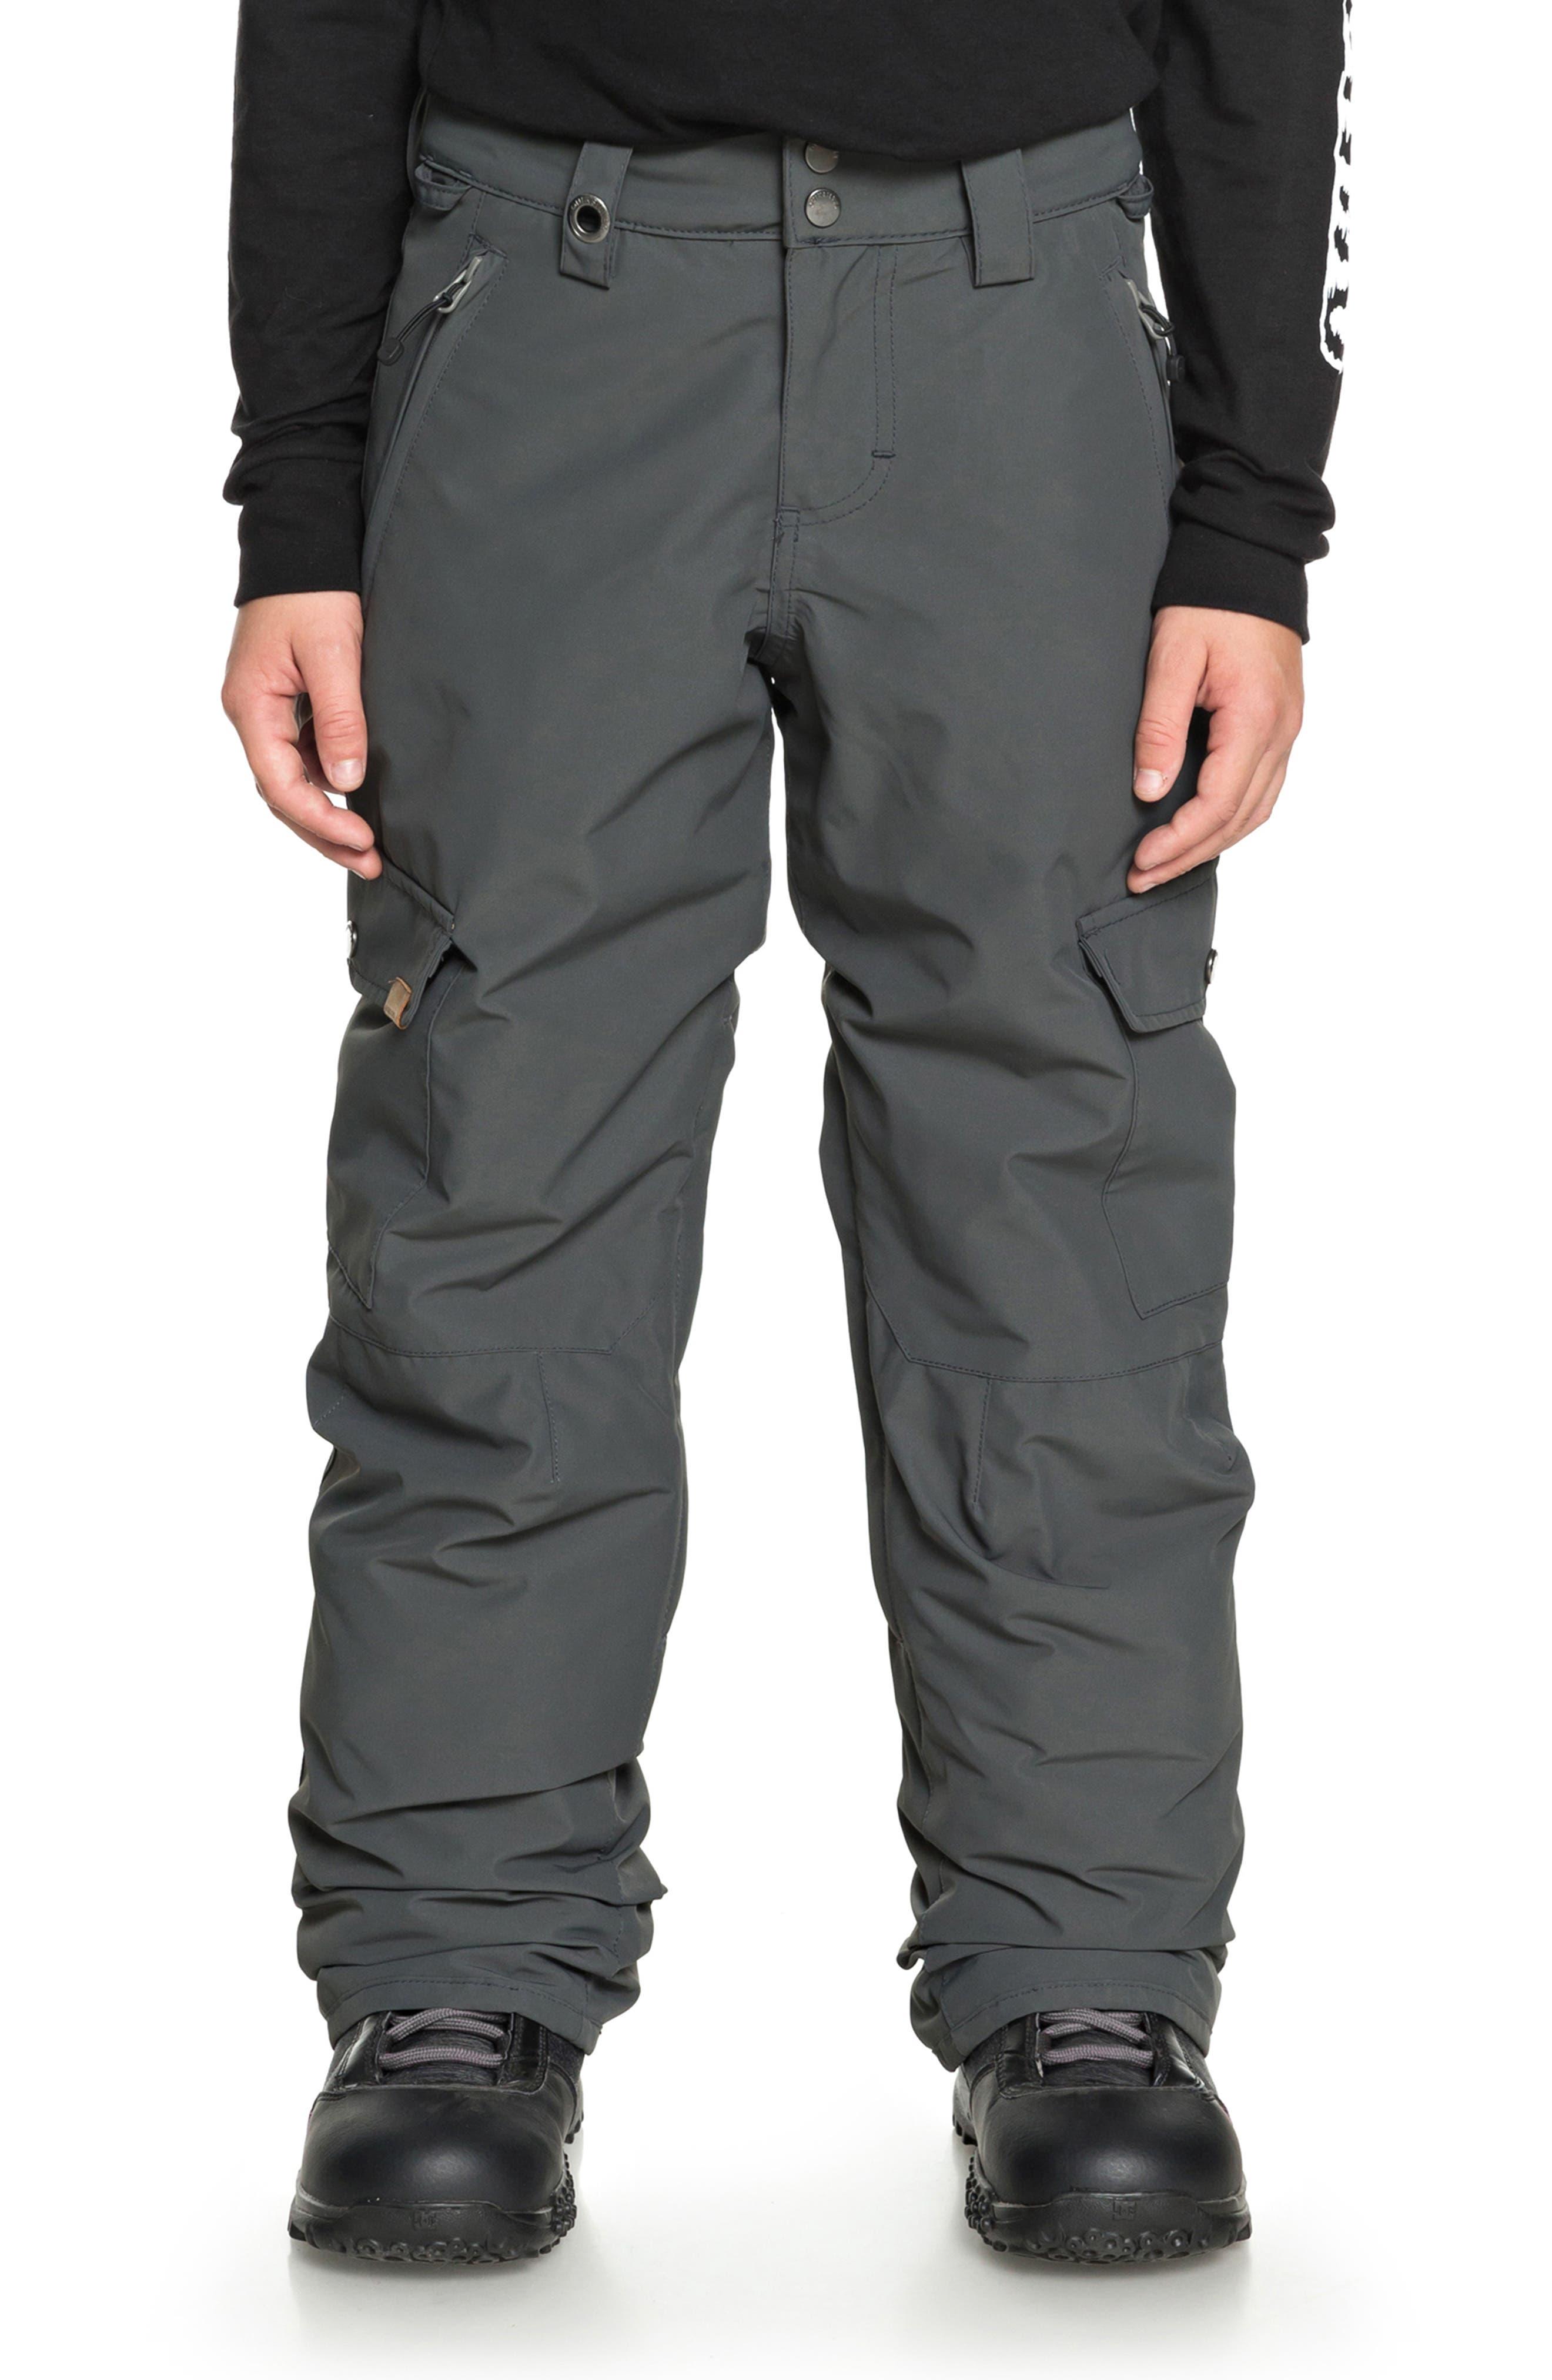 Boys Quiksilver Porter Snow Pants Size L (14)  Grey